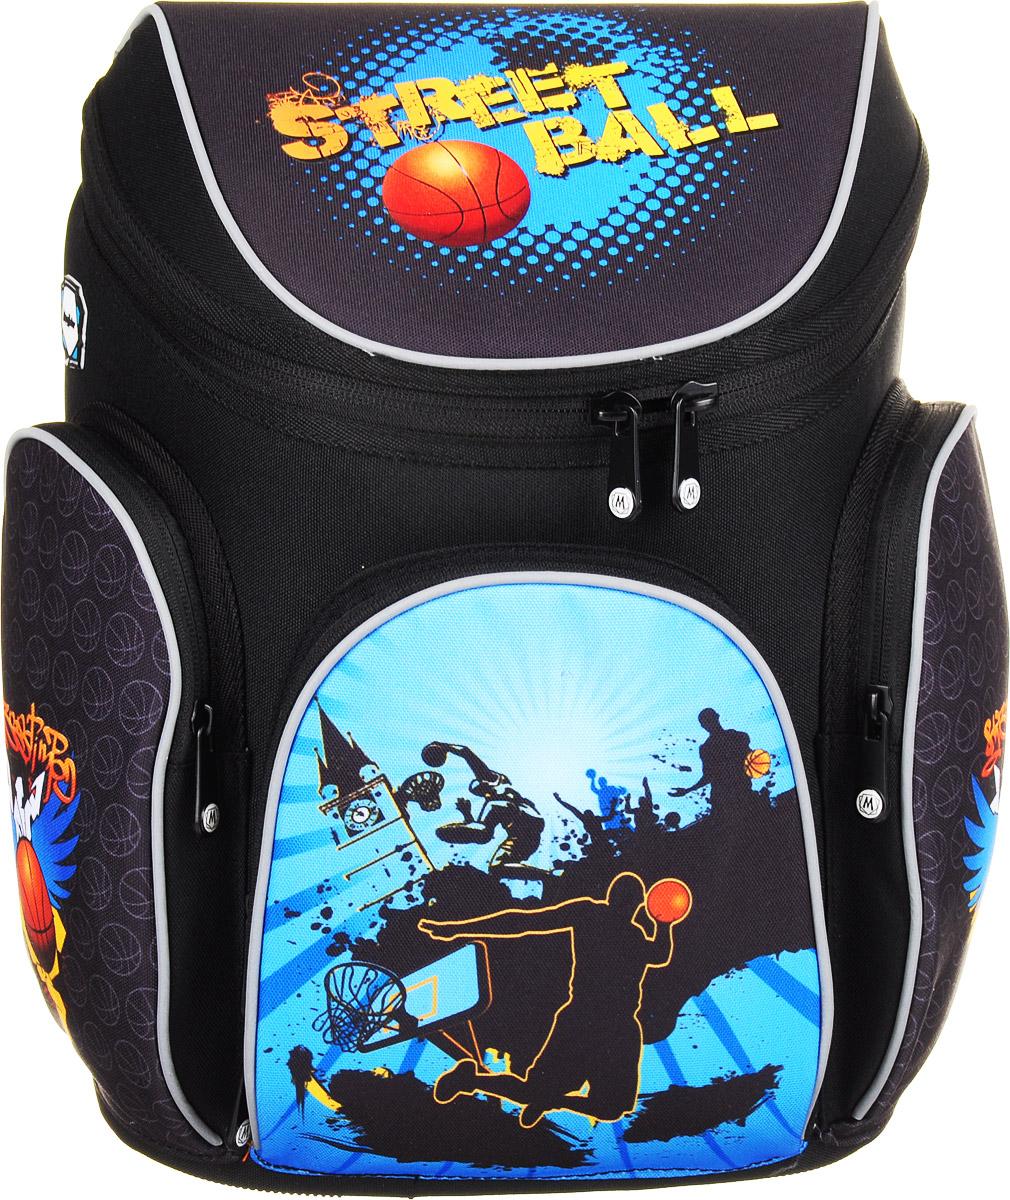 MagTaller Ранец школьный Boxi Street Ball20616-09Школьный ранец MagTaller Boxi Street Ball выполнен из прочных и износостойких материалов: нейлона и полиэстера.Ранец имеет одно основное отделение, закрывающееся клапаном на молнию с двумя бегунками. Клапан полностью откидывается, что существенно облегчает пользование ранцем. На внутренней части клапана находится прозрачный пластиковый кармашек, в который можно поместить данные о владельце ранца и расписание уроков. Внутри отделения расположены две мягкие перегородки для тетрадей или учебников.На лицевой стороне ранца расположен накладной карман на застежке-молнии. Внутри кармана находятся два открытых кармана, карман-сетка и отделения для пишущих принадлежностей. По бокам ранца размещены два накладных кармана на молнии.Ортопедическая спинка, созданная по специальной технологии из дышащего материала, равномерно распределяет нагрузку на плечевые суставы и спину. В нижней части спинки расположен поясничный упор - небольшой валик, на который при правильном ношении ранца будет приходиться основная нагрузка.Изделие оснащено удобной ручкой для переноски в руке и двумя широкими лямками регулируемой длины. У ранца имеются светоотражатели. Дно ранца из прочного материала легко очищается от загрязнений. Светоотражающие элементы не оставят незамеченным вашего ребенка в темное время суток.Многофункциональный школьный ранец станет незаменимым спутником вашего ребенка в походах за знаниями.